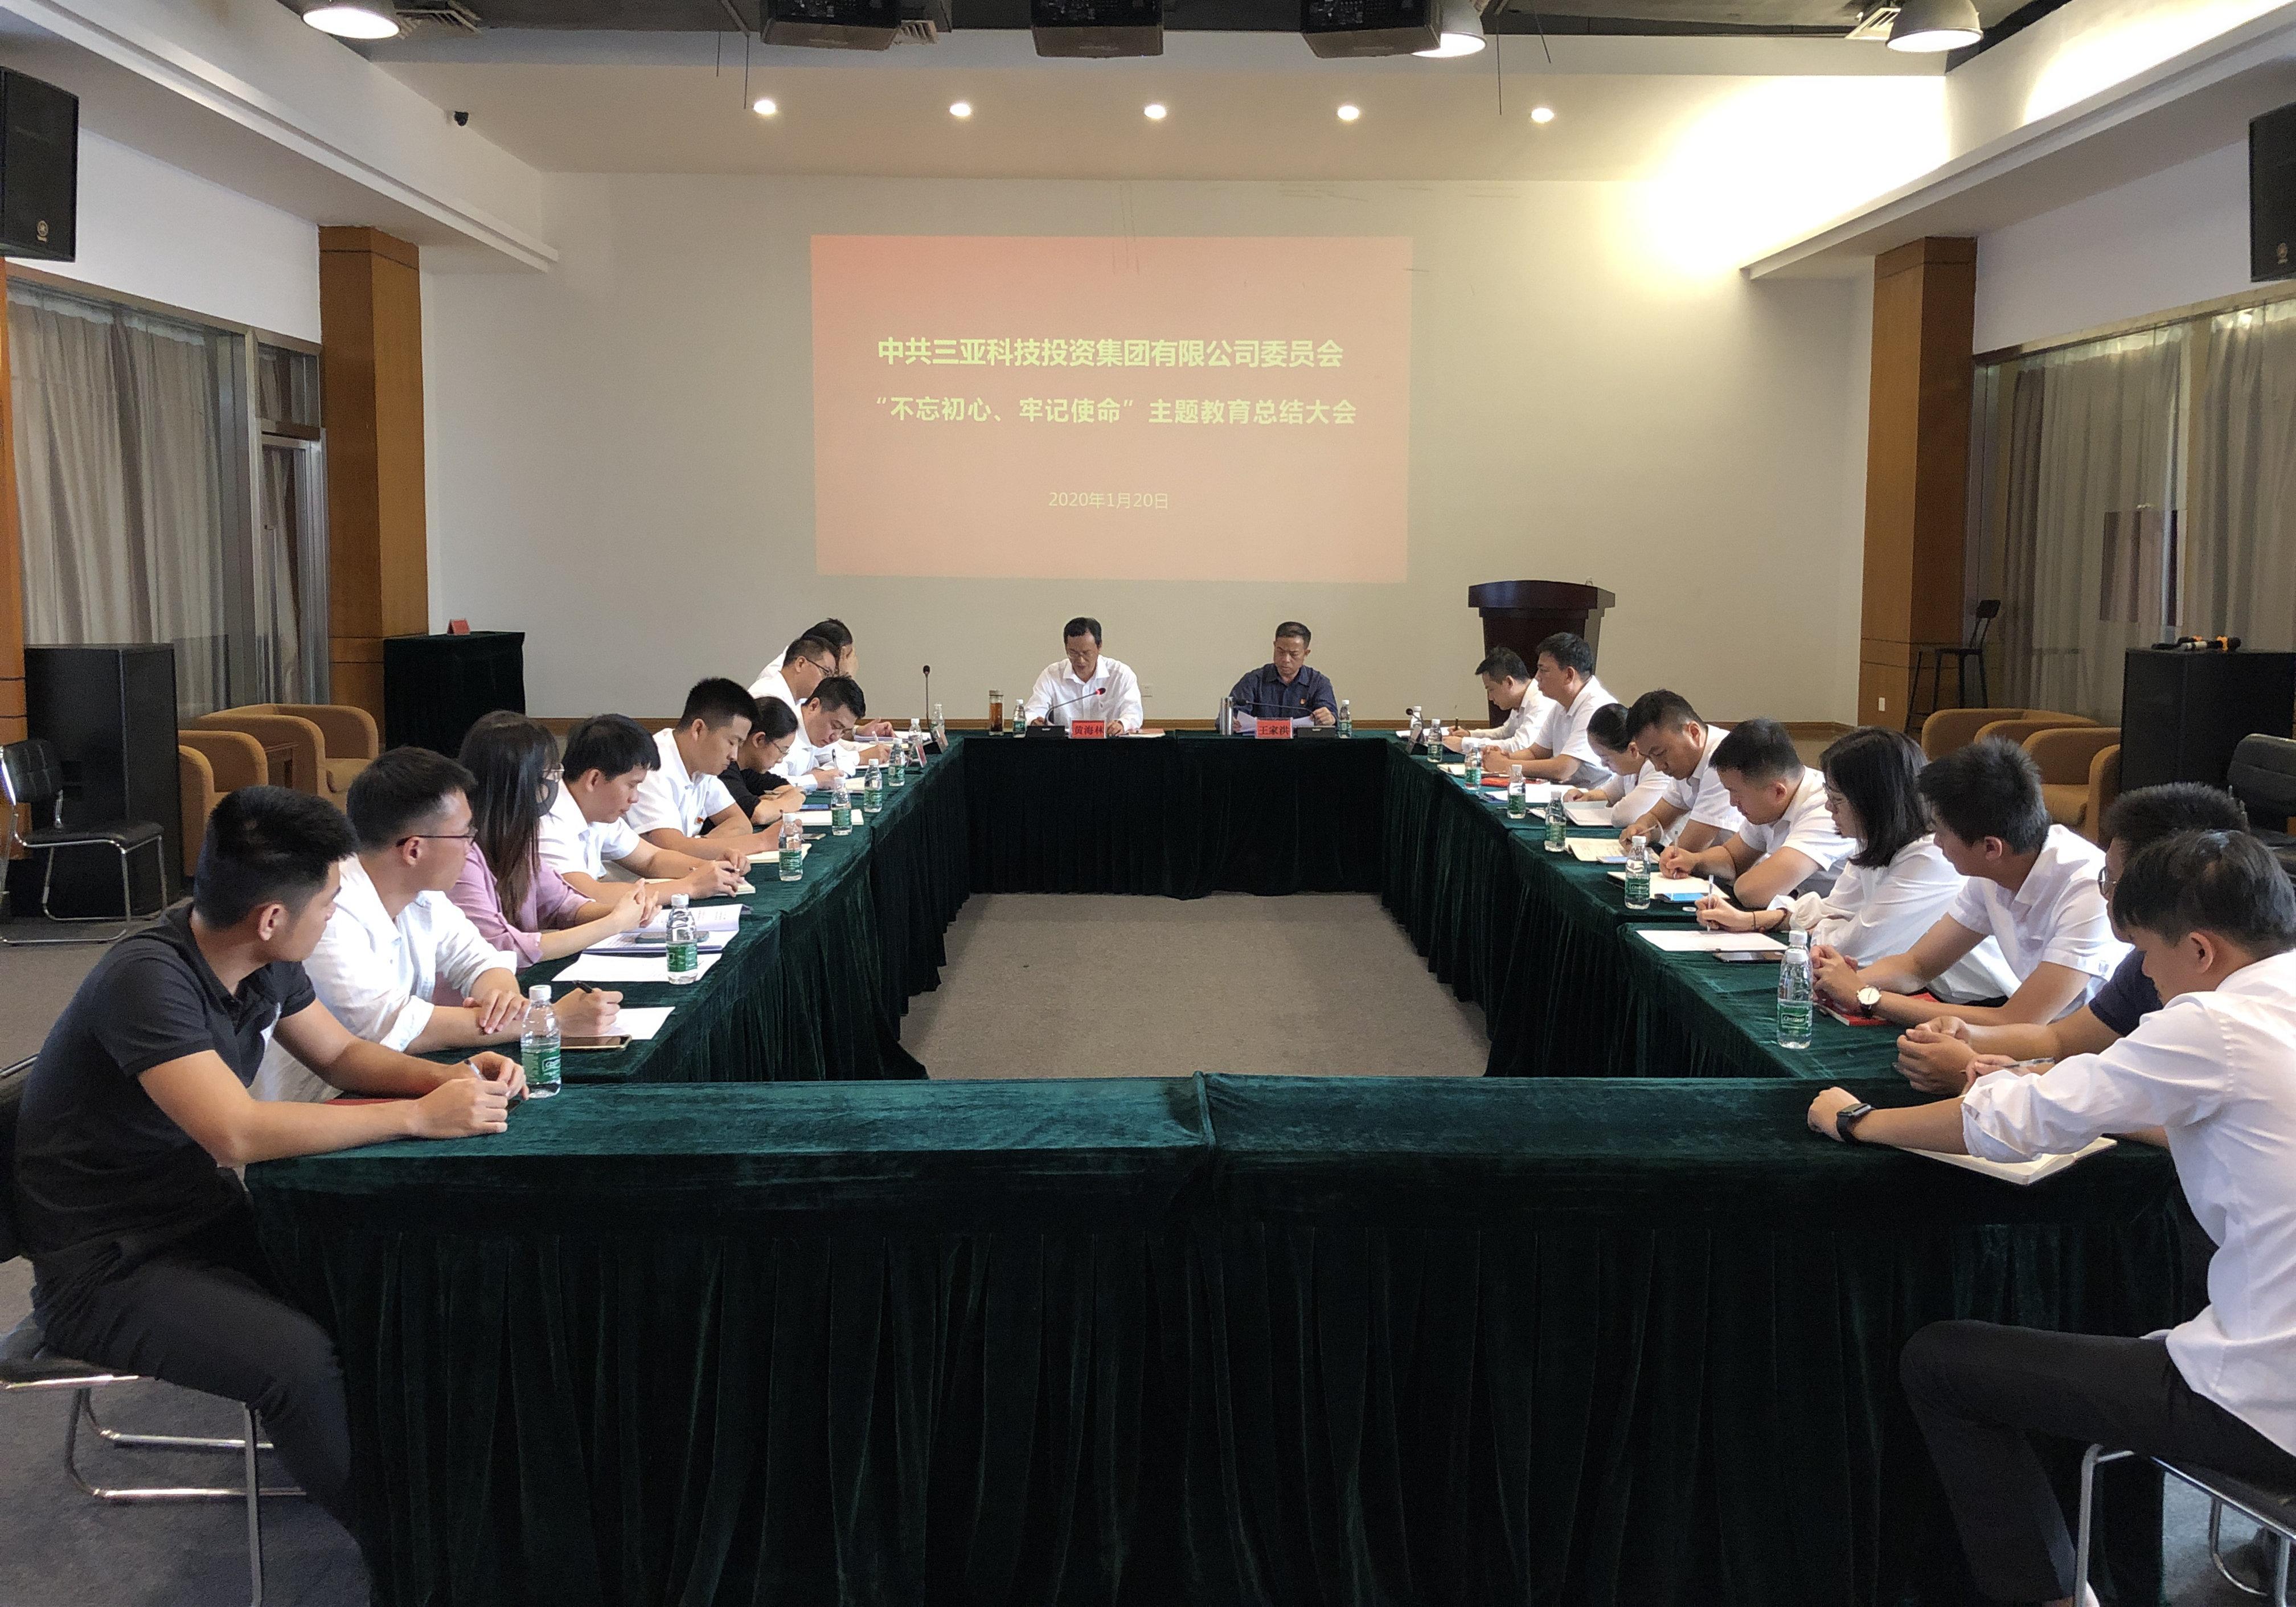 """三亚科技投资集团党委召开""""不忘初心、牢记使命""""主题教育总结大会"""